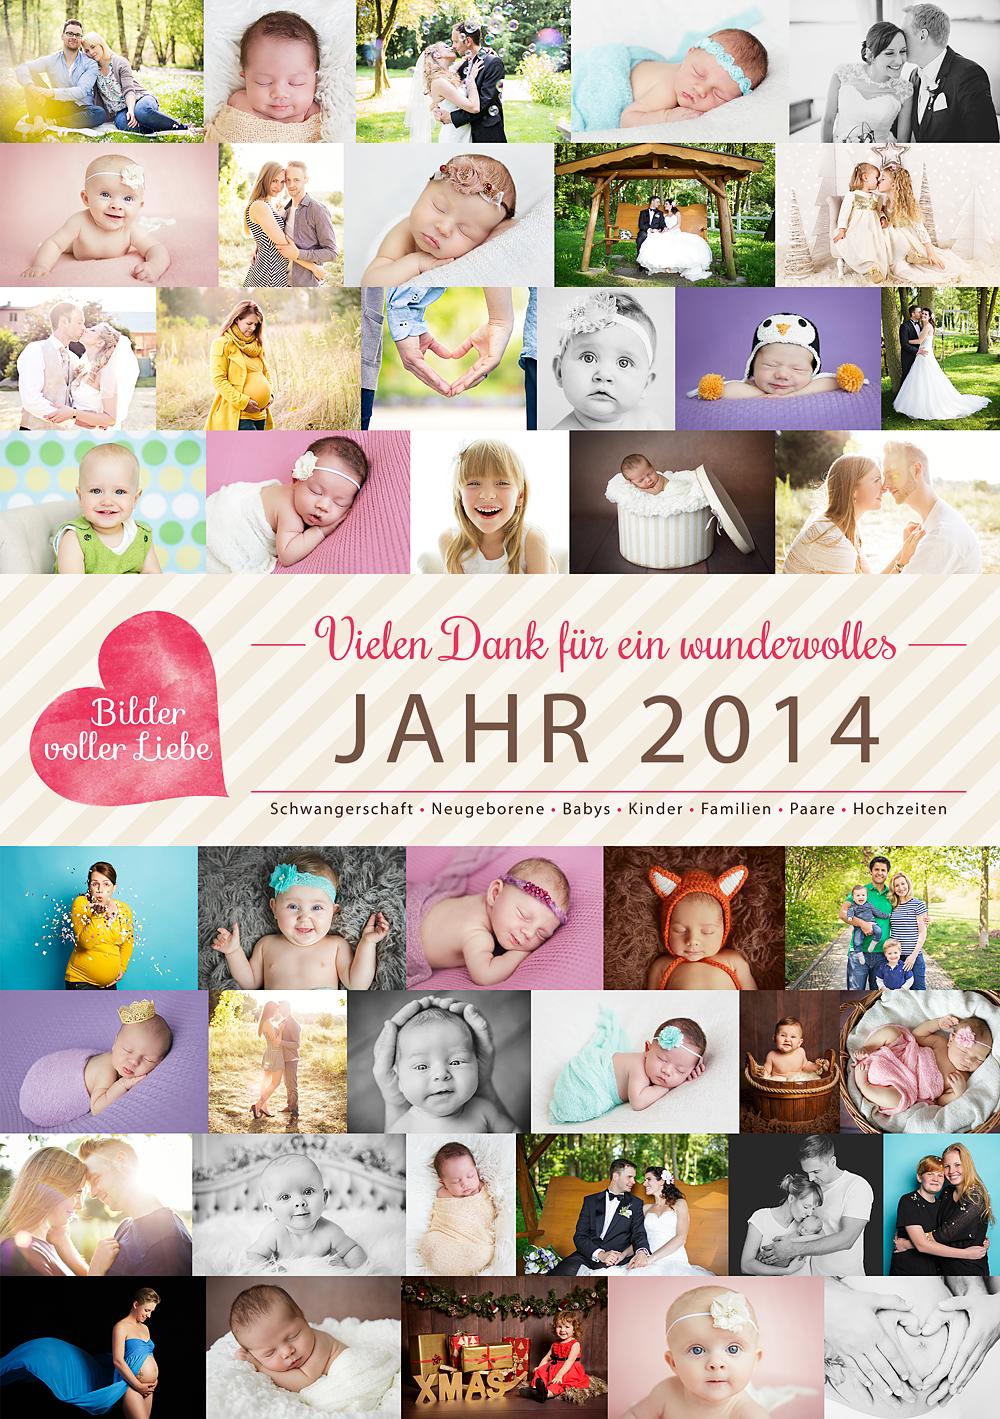 jahresrückblick-2014-social